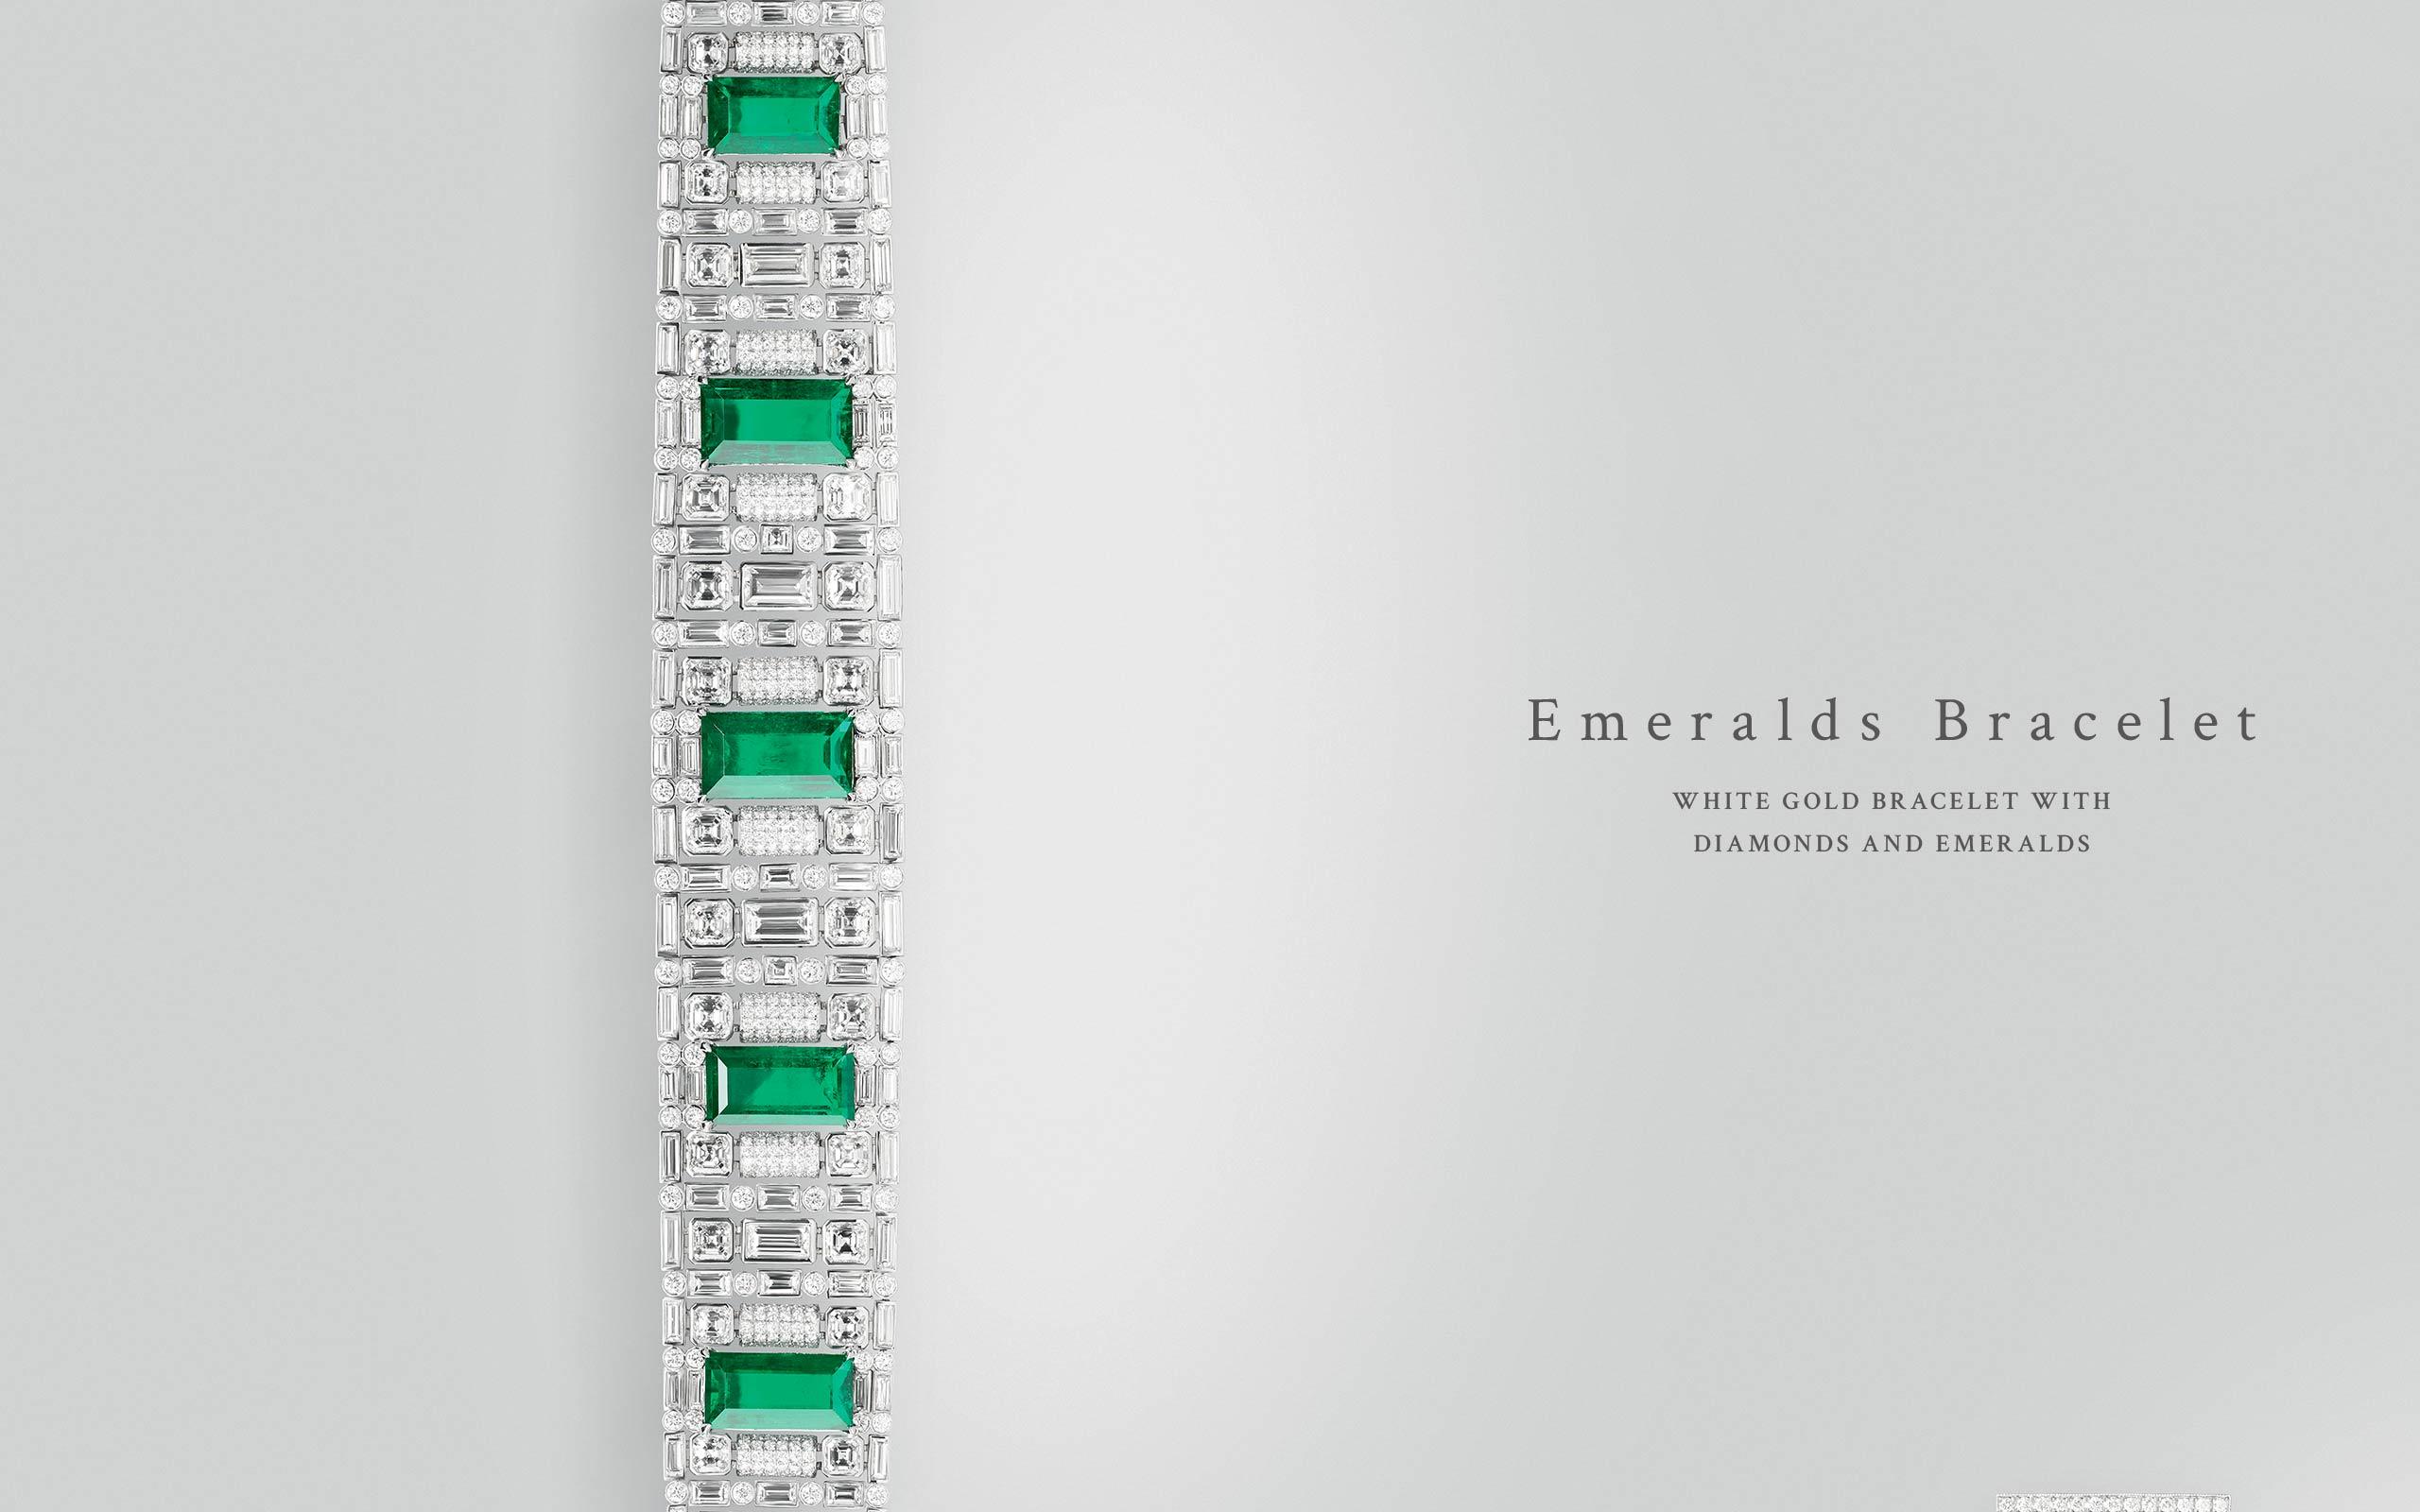 Emeralds Bracelet 02 | Maria Gaspari